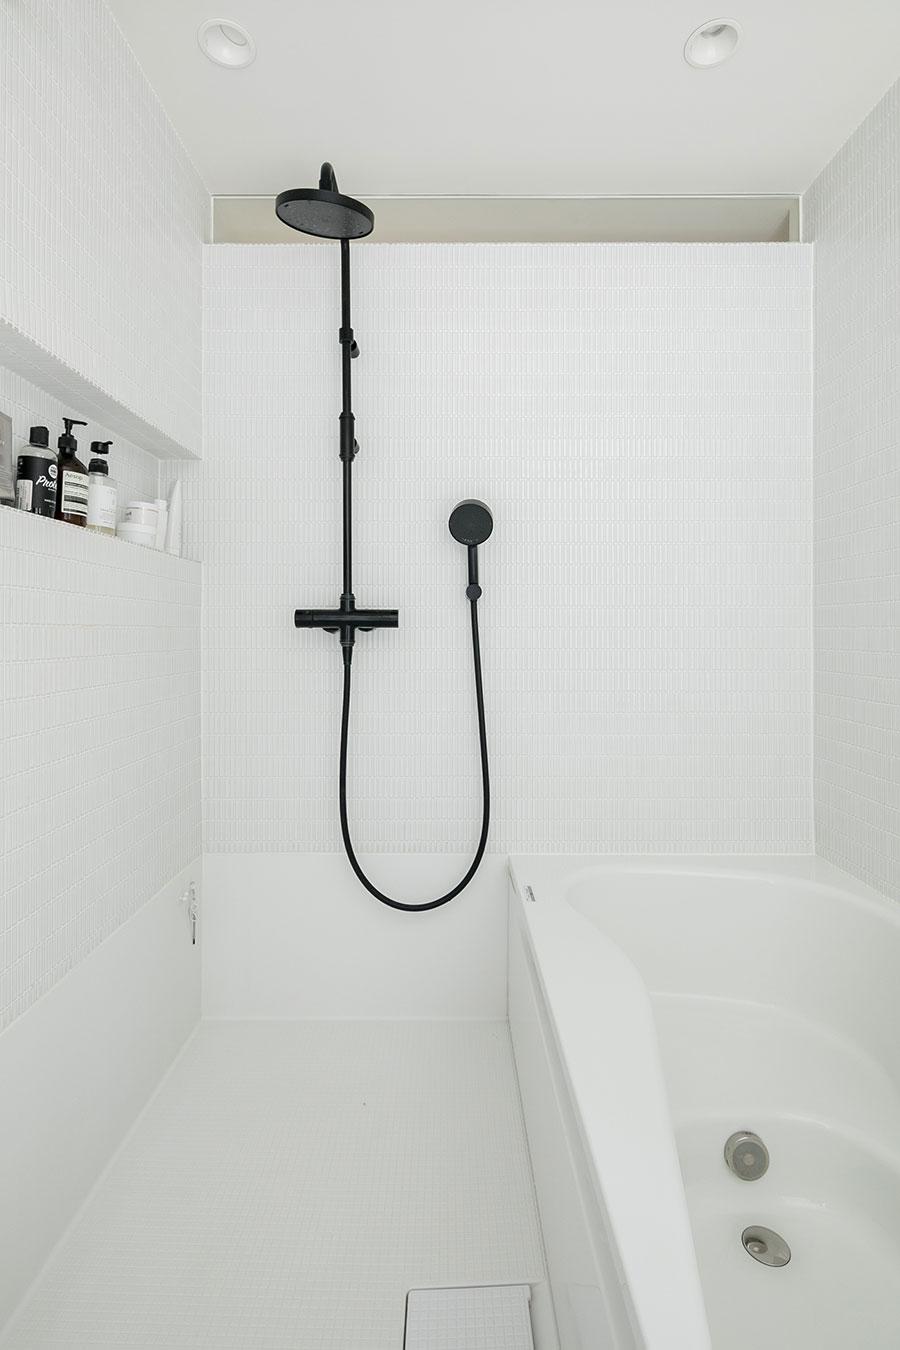 白の空間に黒のレインシャワーとシャワーヘッドがクールなハーフユニットバス。「夫はレインシャワー派、私はハンドシャワーをよく使います」